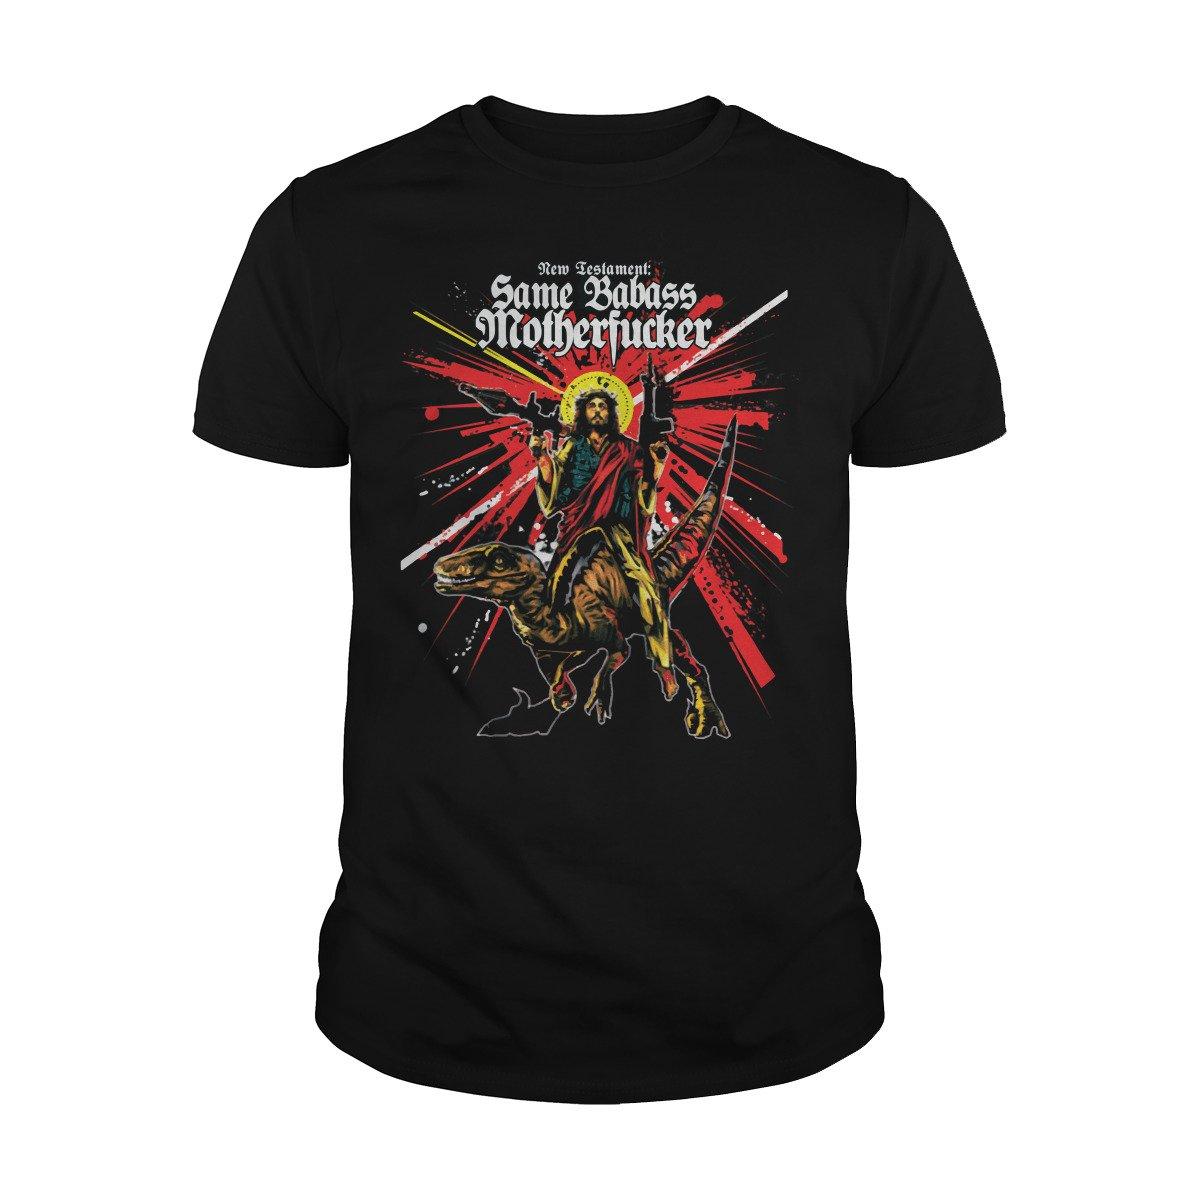 Same Badass Motherfucker T-Shirt New Testament